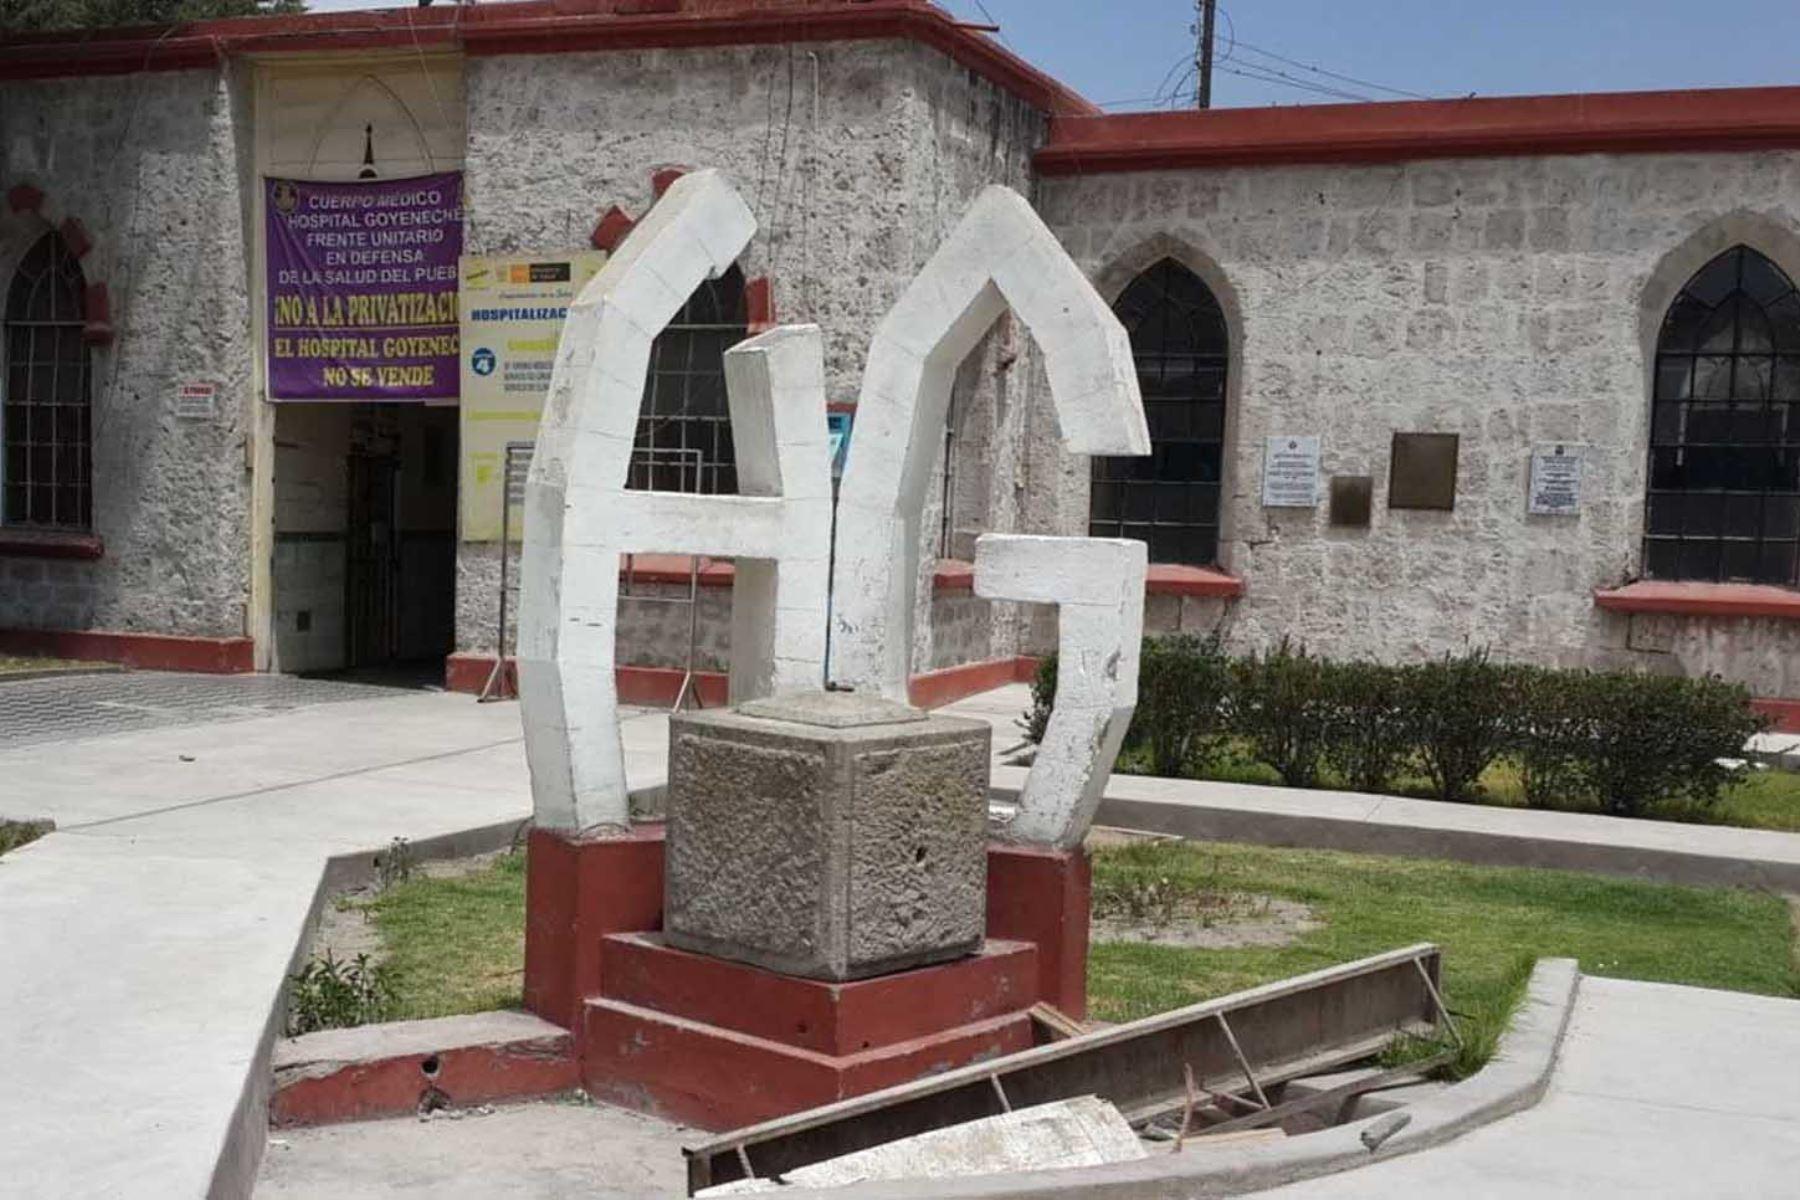 El Hospital Goyeneche de Arequipa fue declarado monumento mediante la Resolución Suprema N° 2900-72-ED, del 28 de diciembre. Foto: ANDINA/Difusión